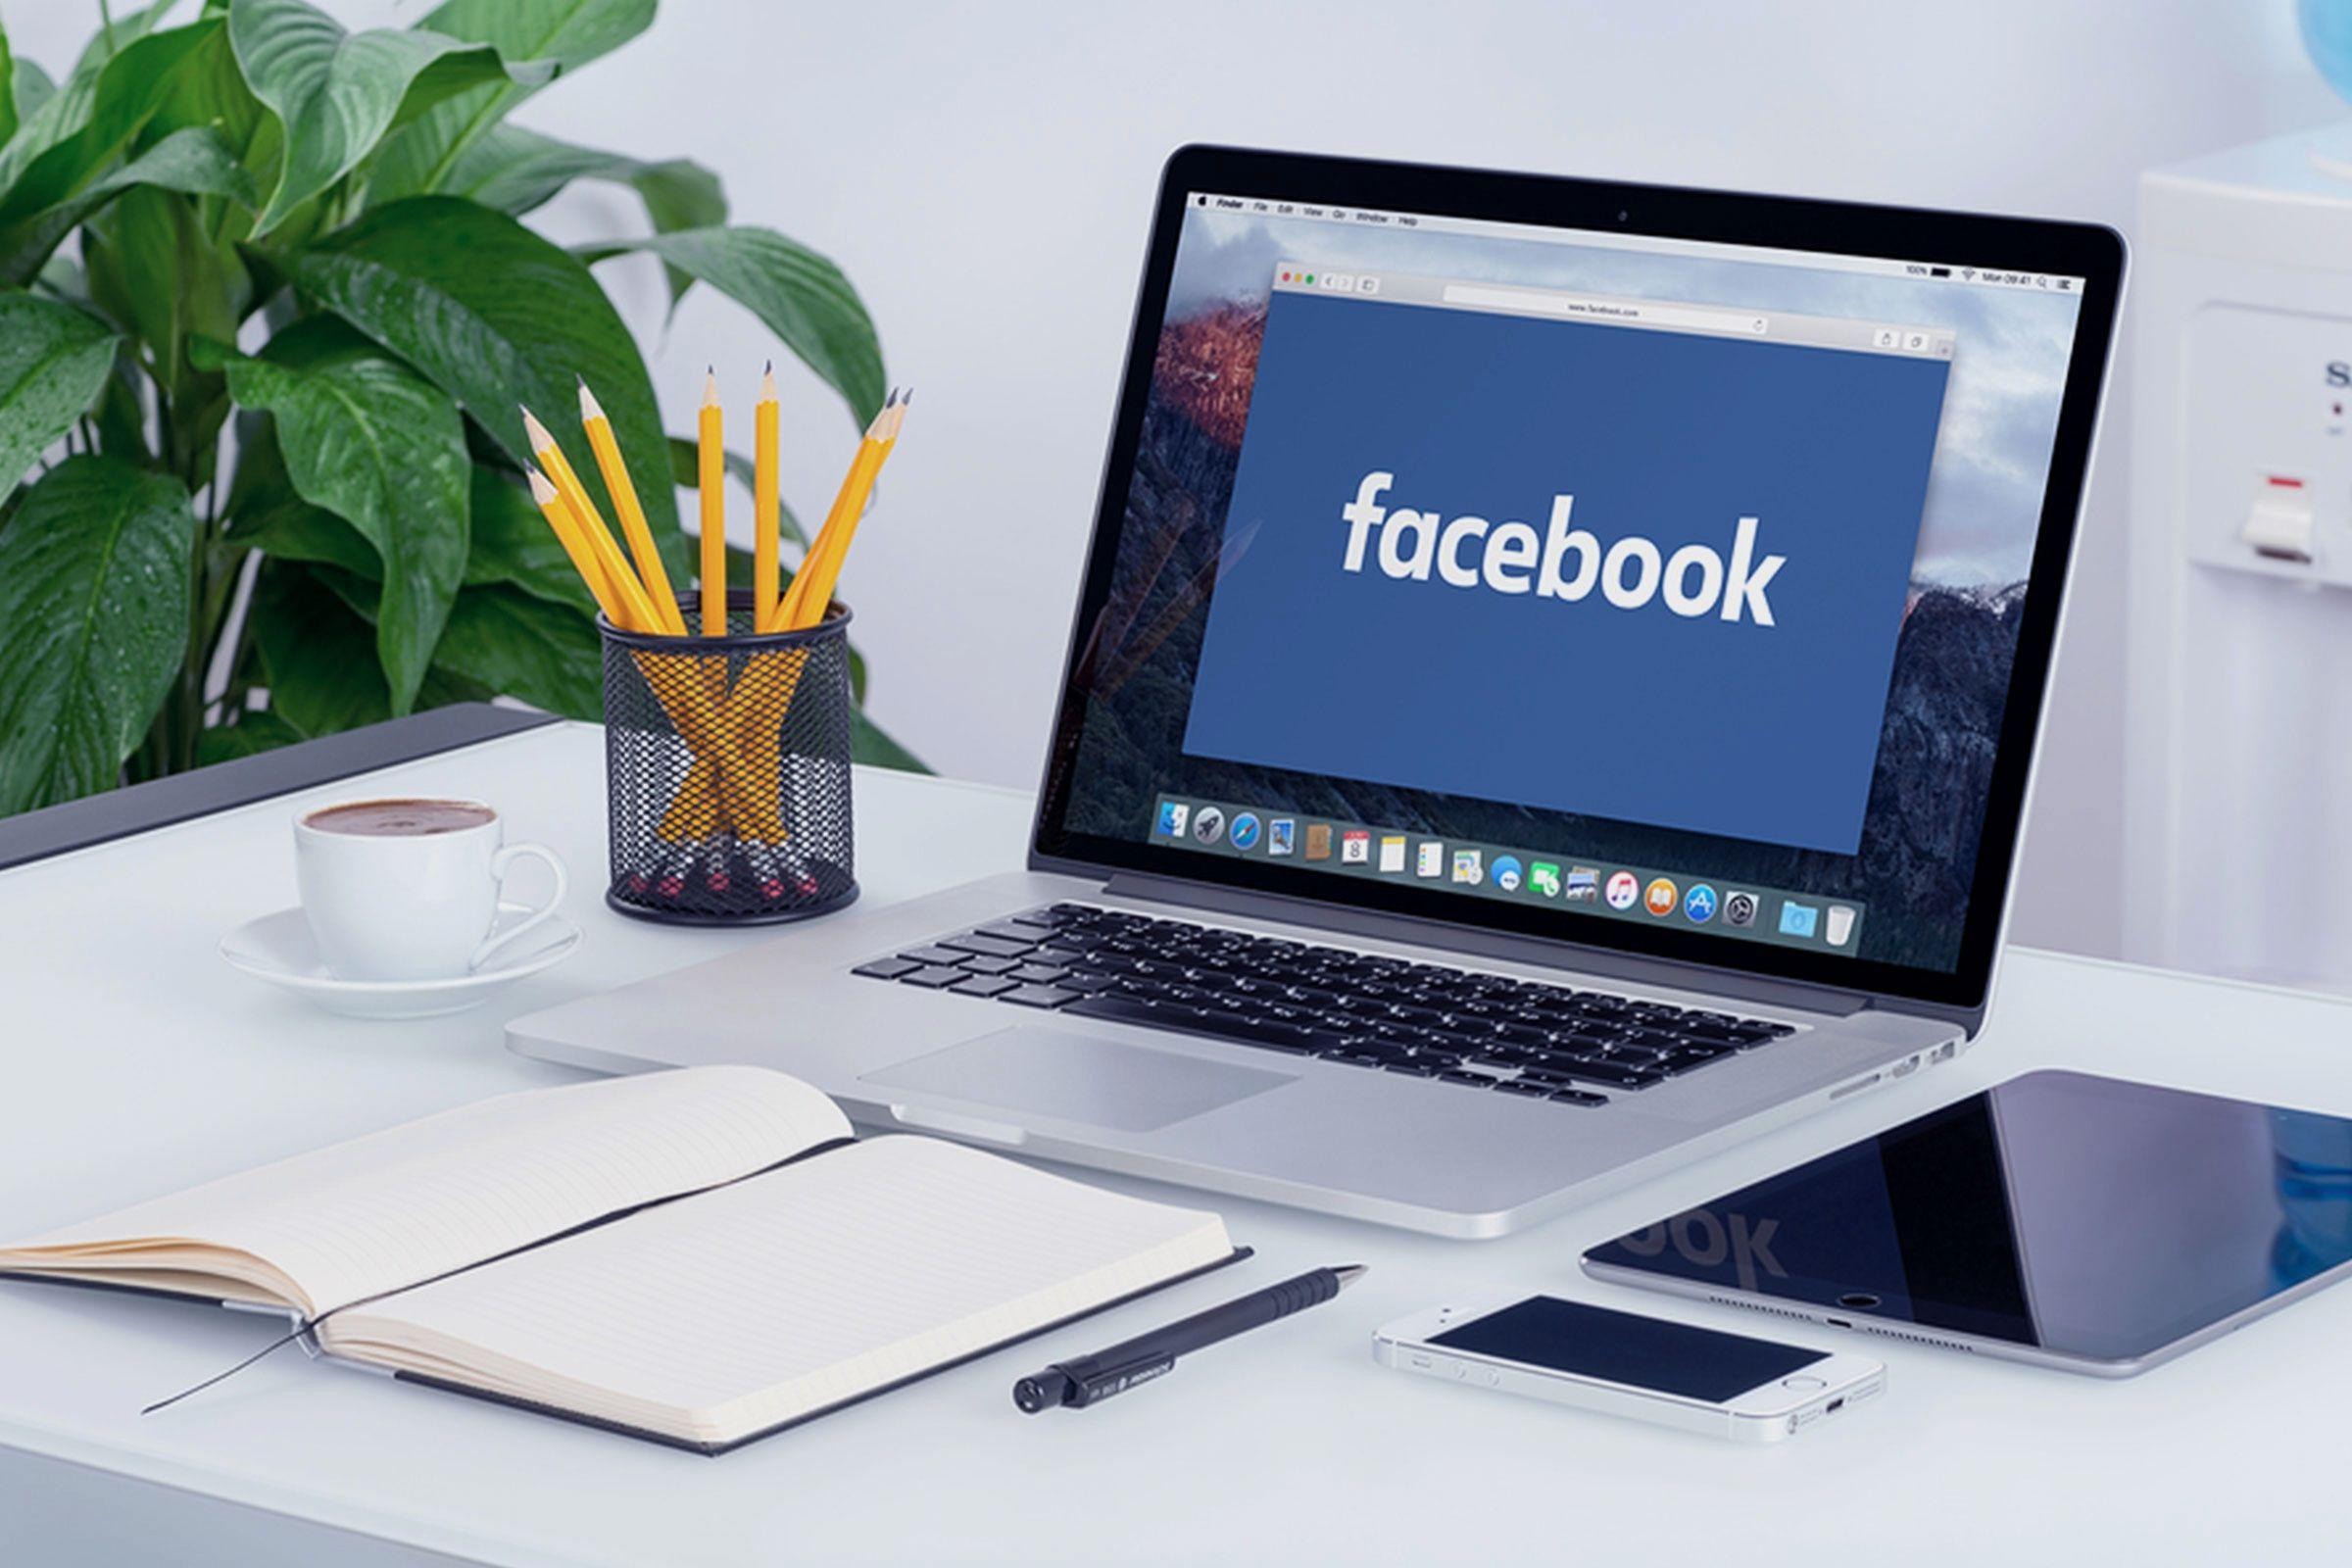 ¿Cómo promocionar tu negocio en Facebook?